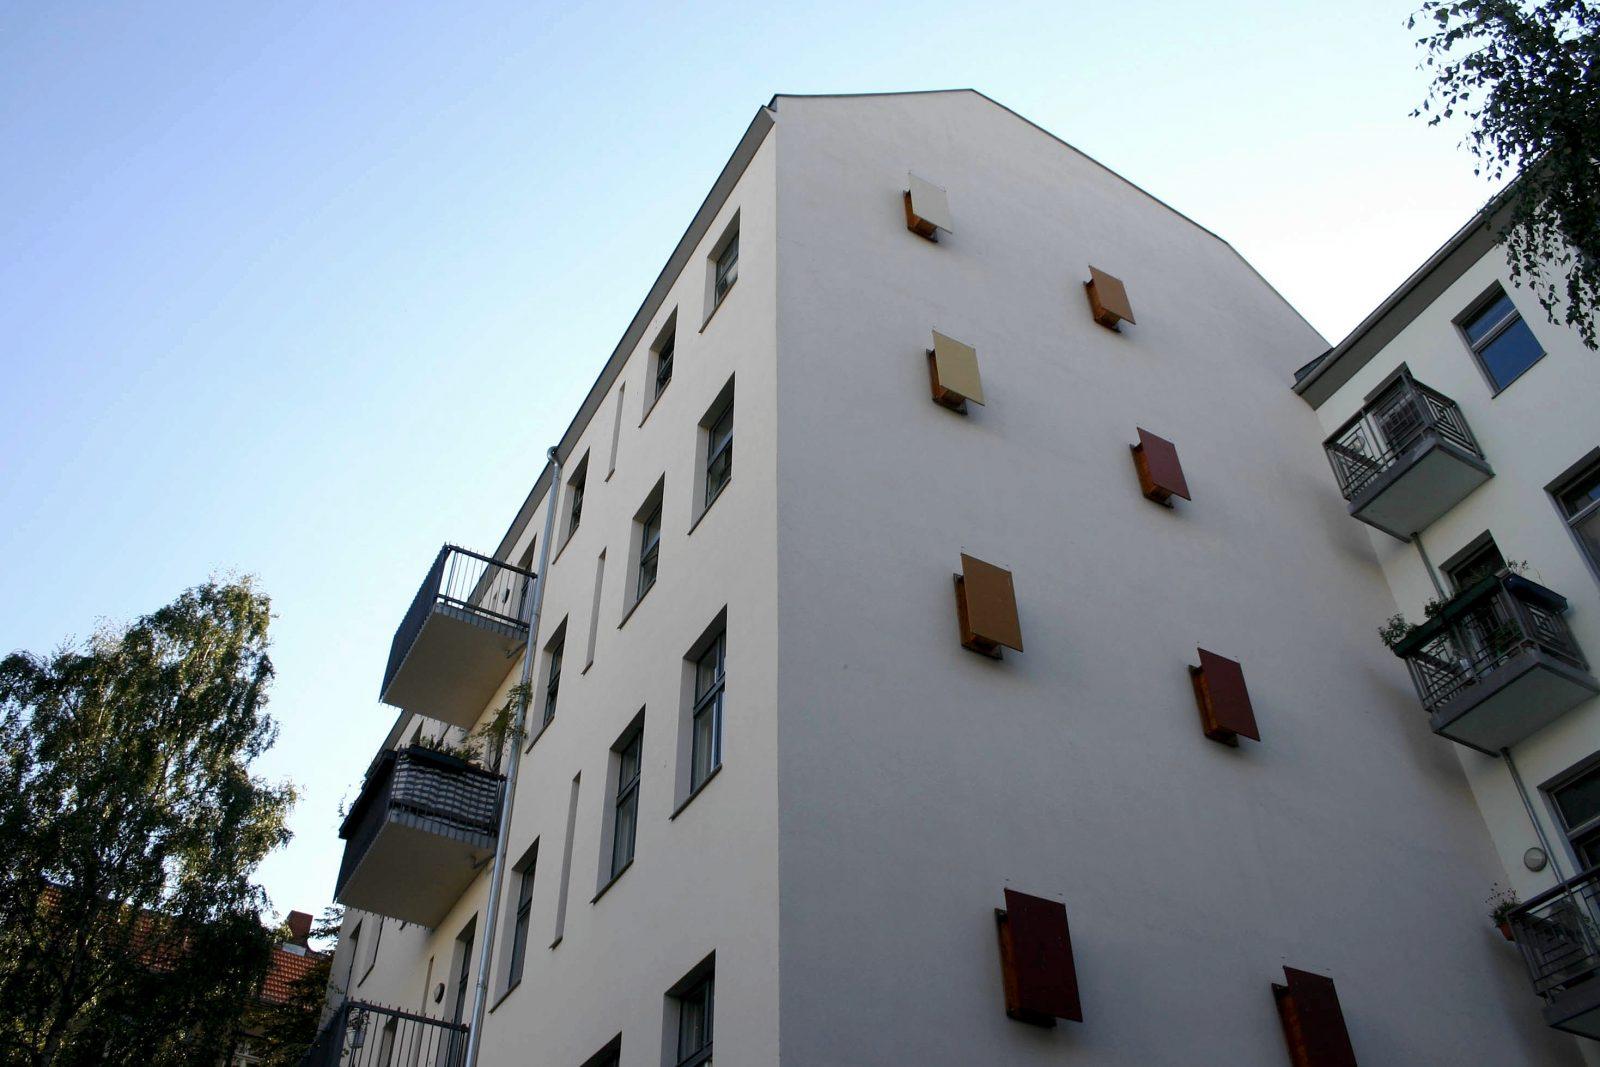 Wohn- und Geschäftshaus Groninger Straße 22, Berlin-Wedding